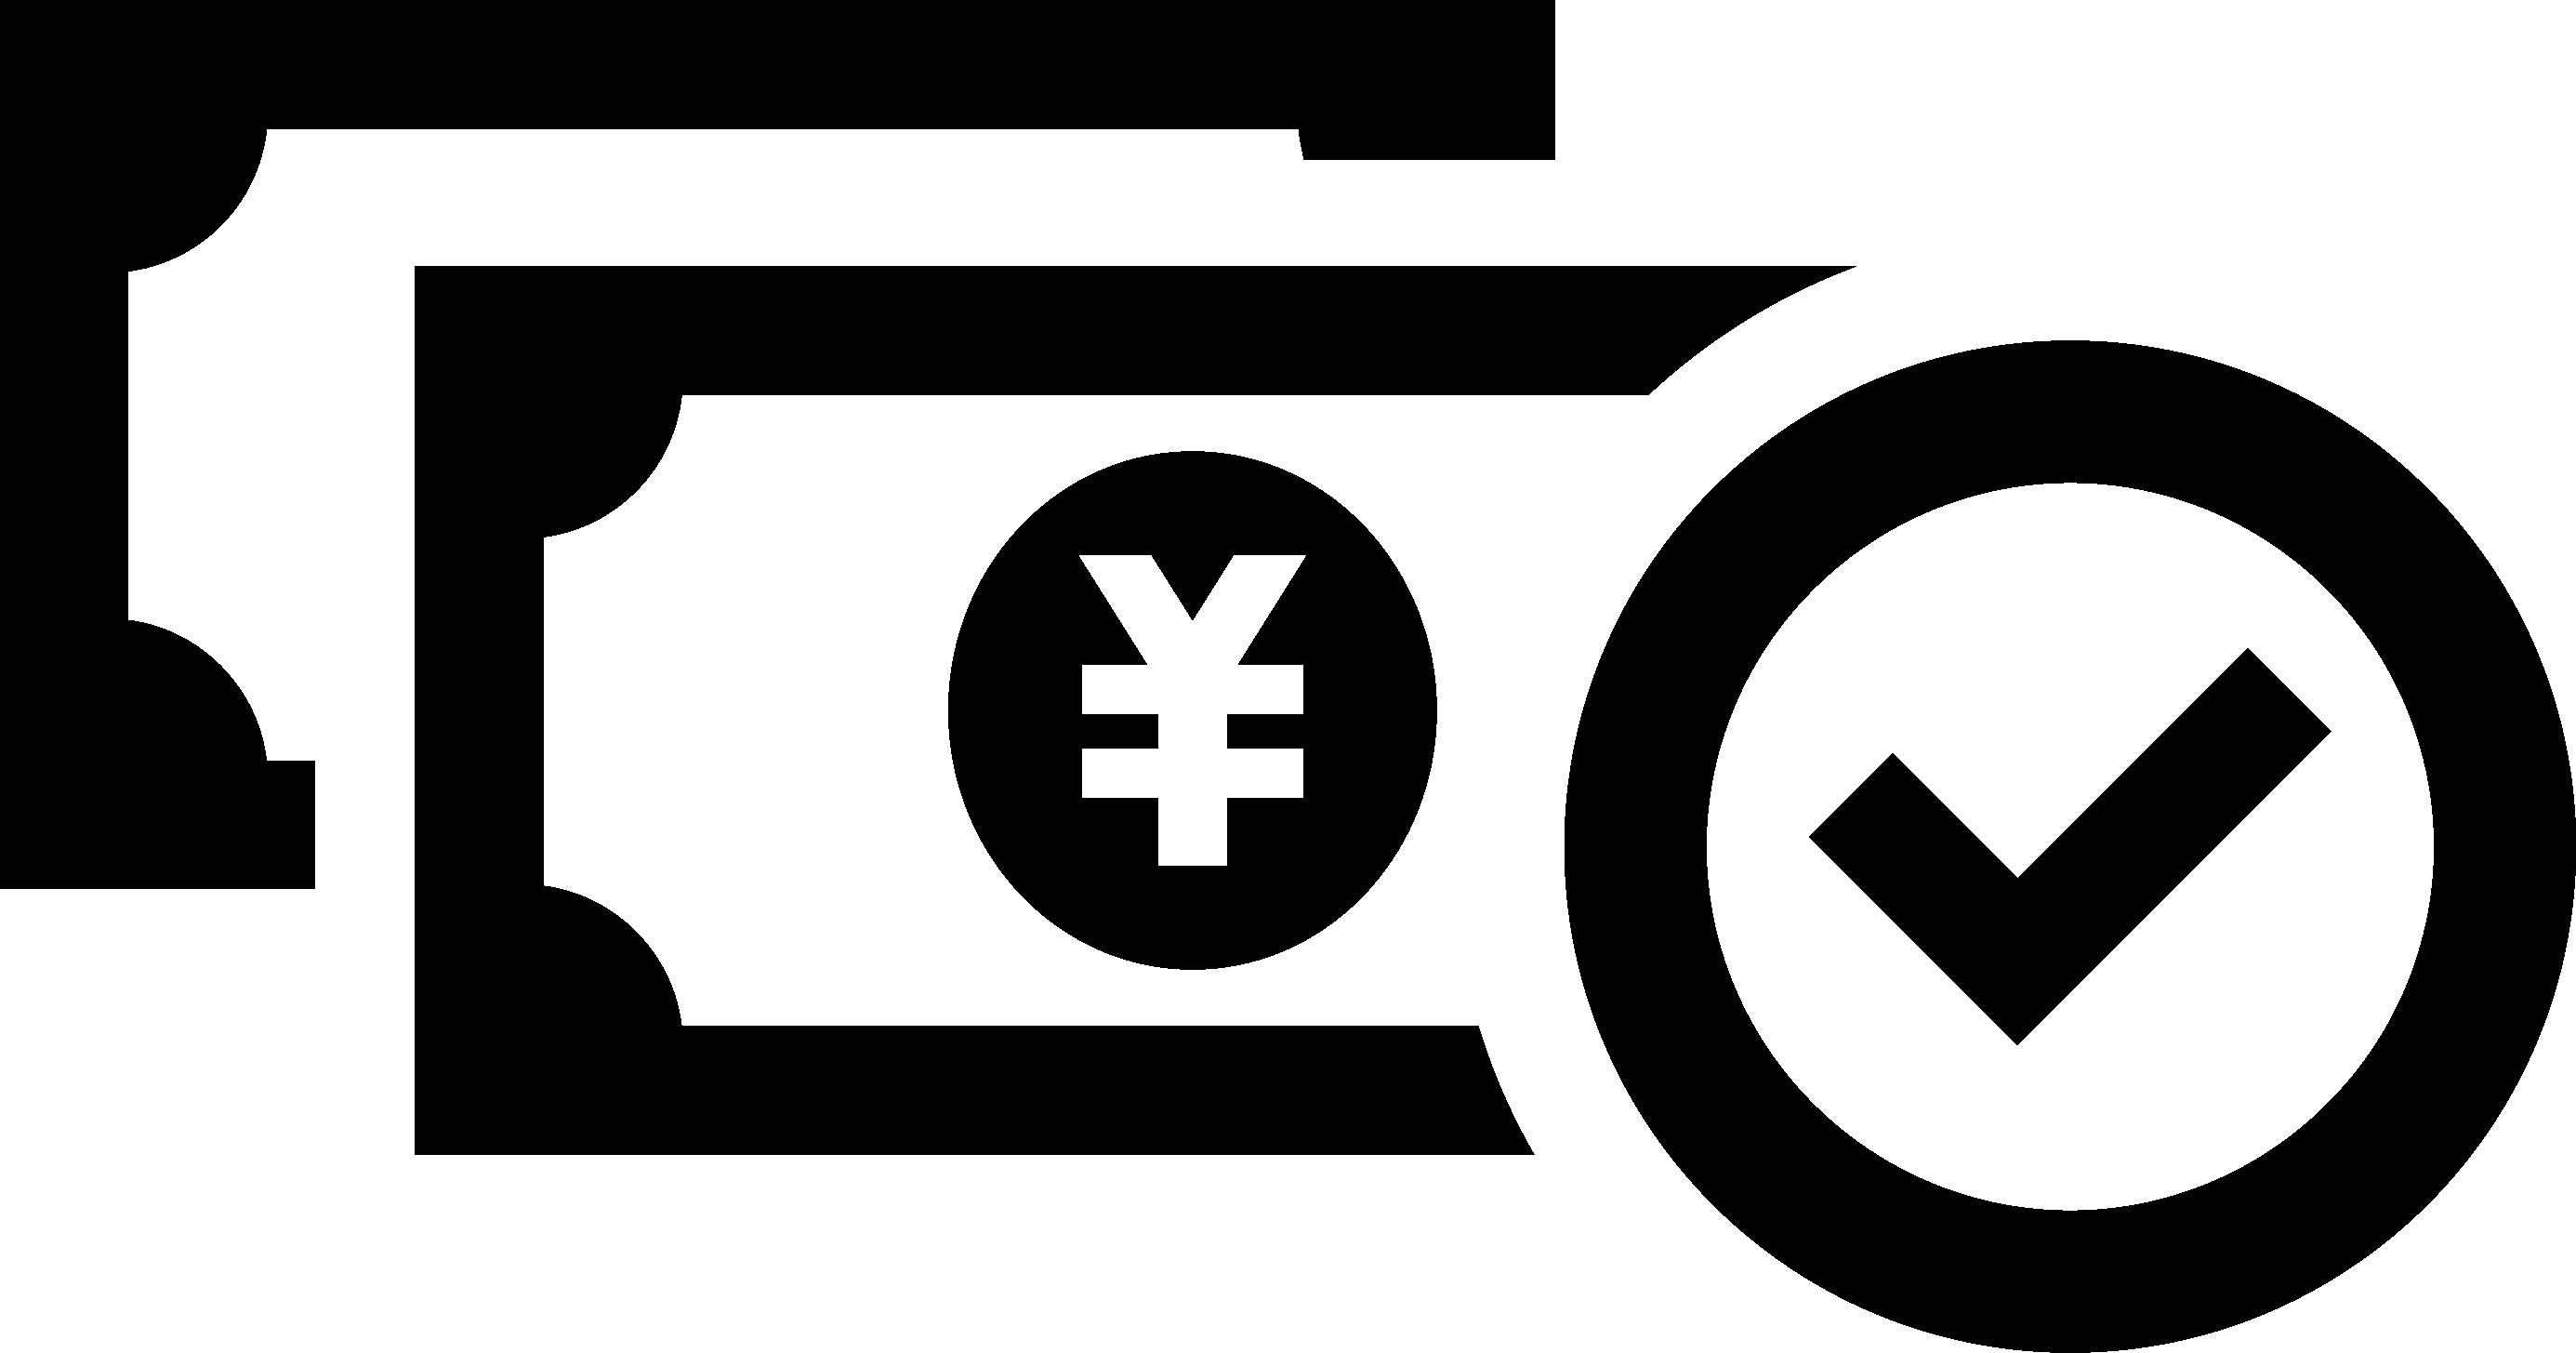 64427D12-C6DF-438F-8C7B-3AE10DB25509